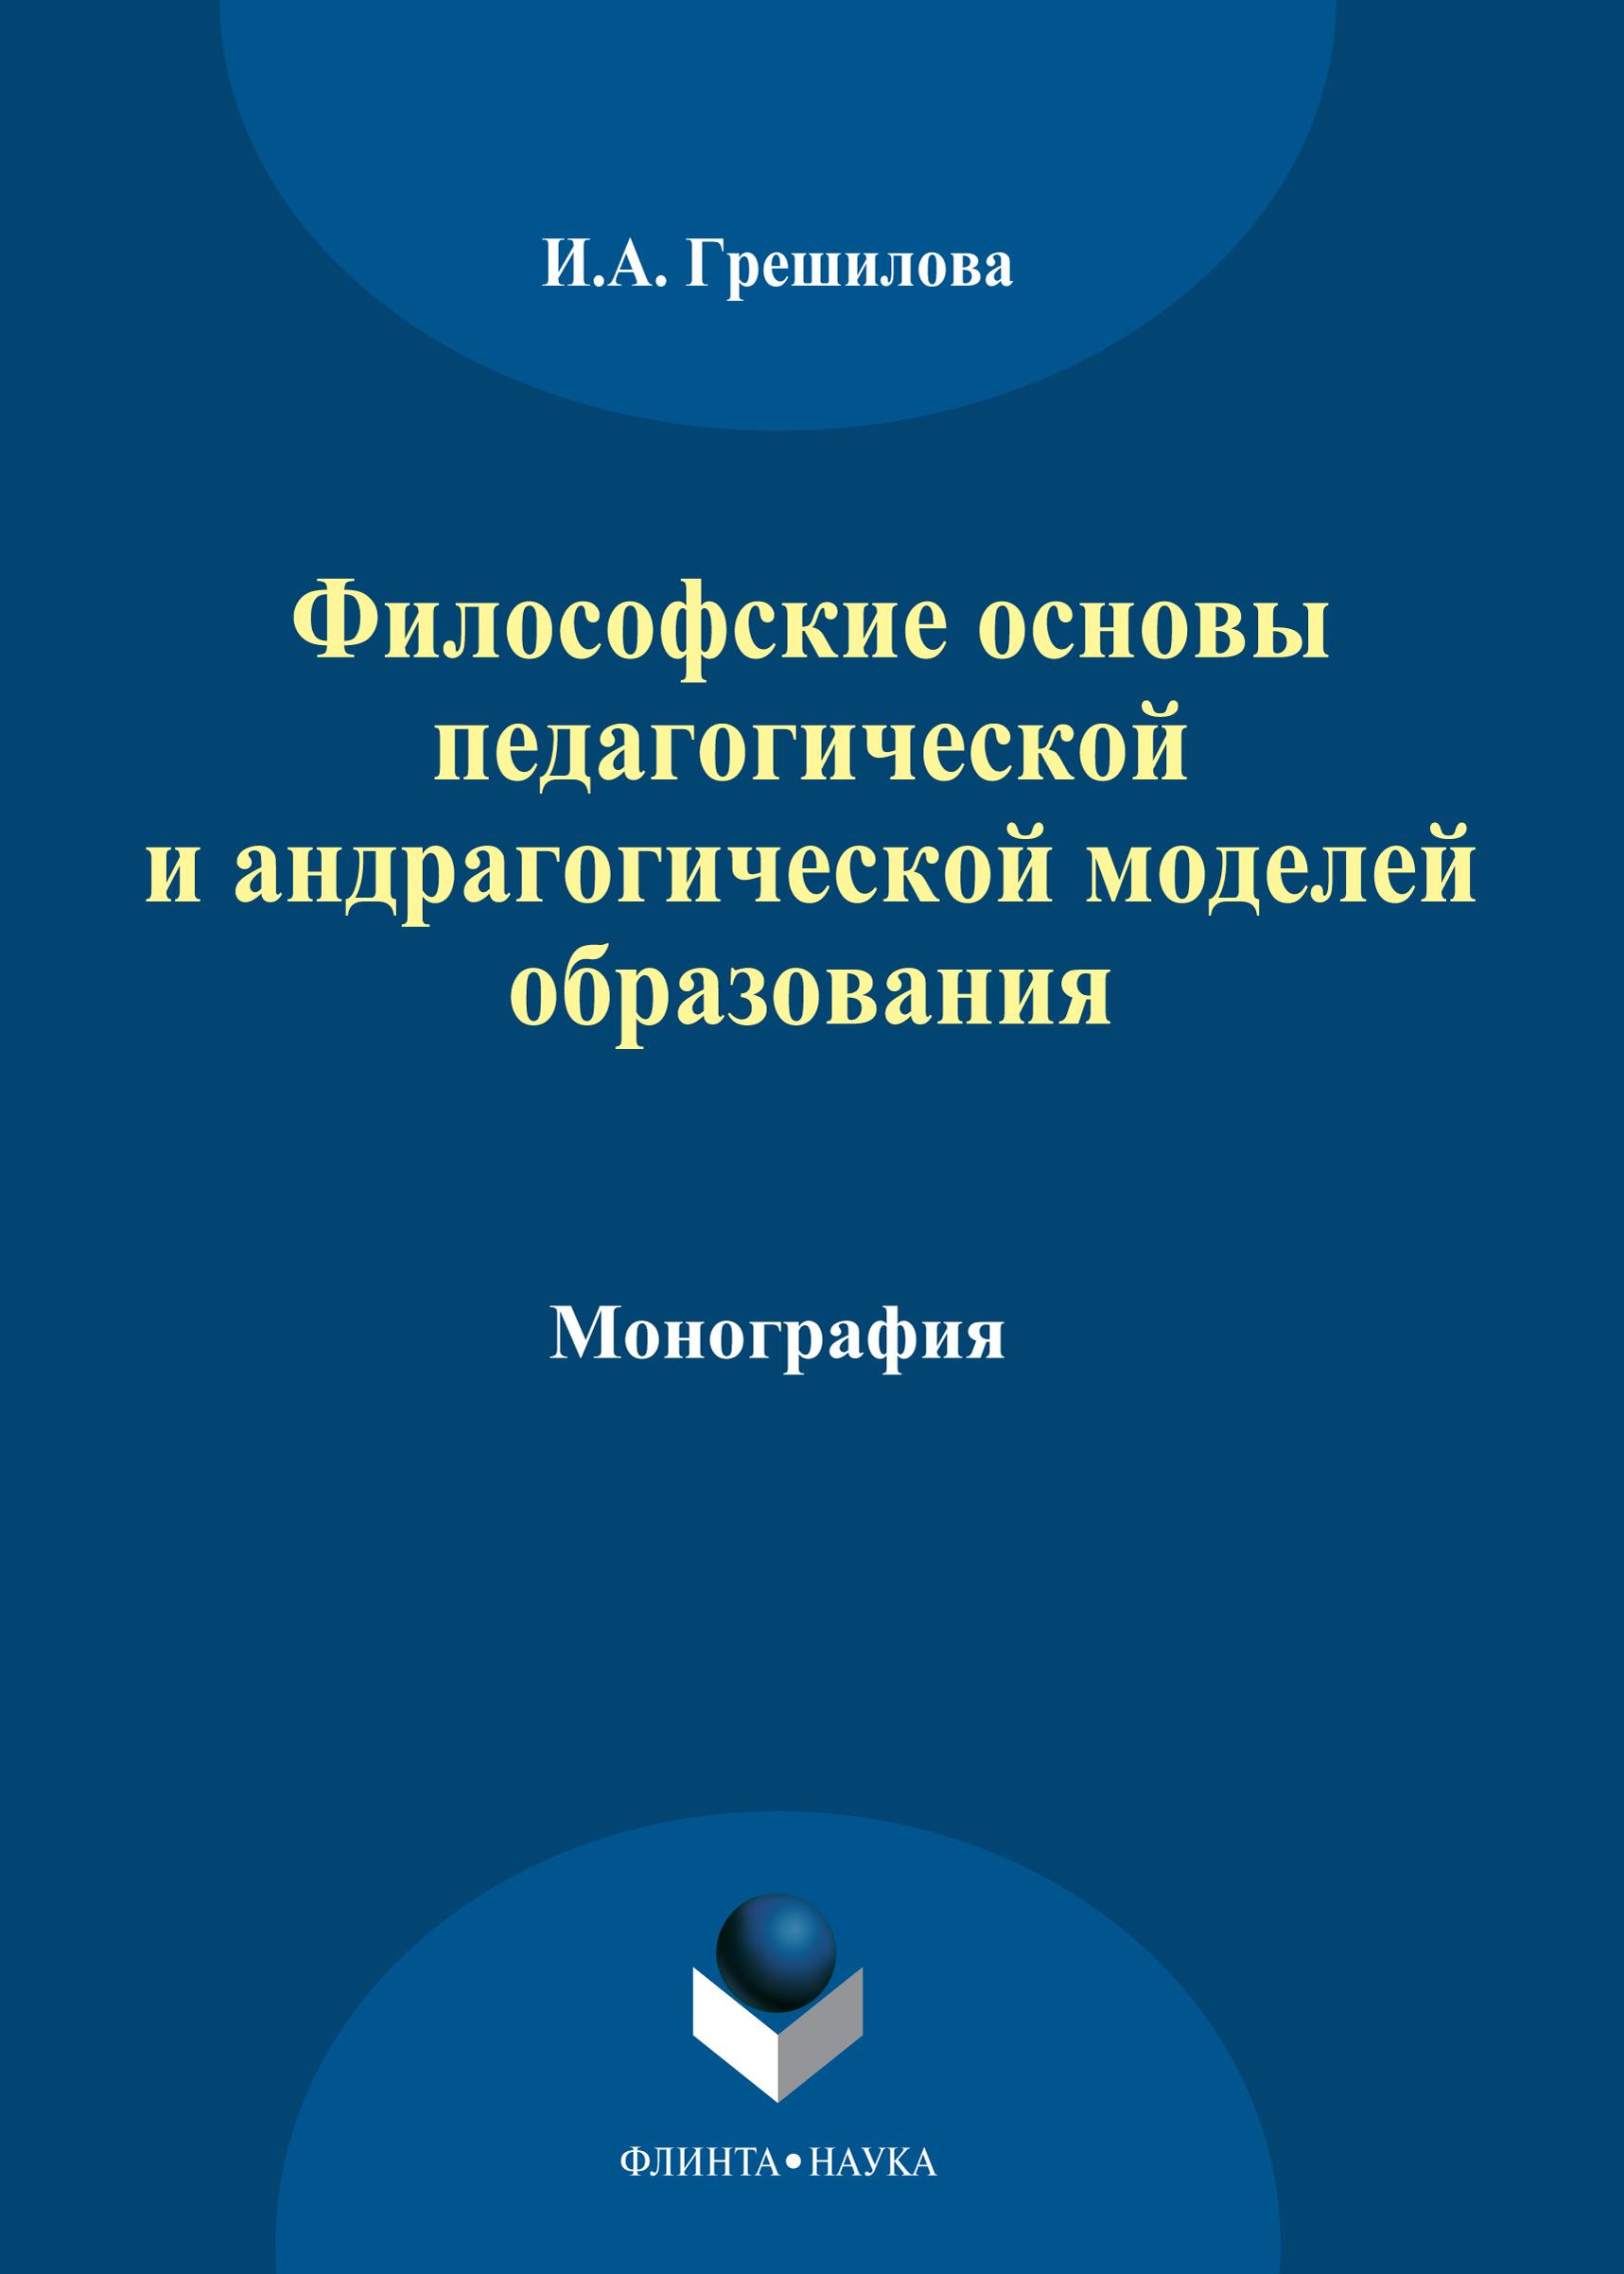 Философские основы педагогической и андрагогической моделей образования